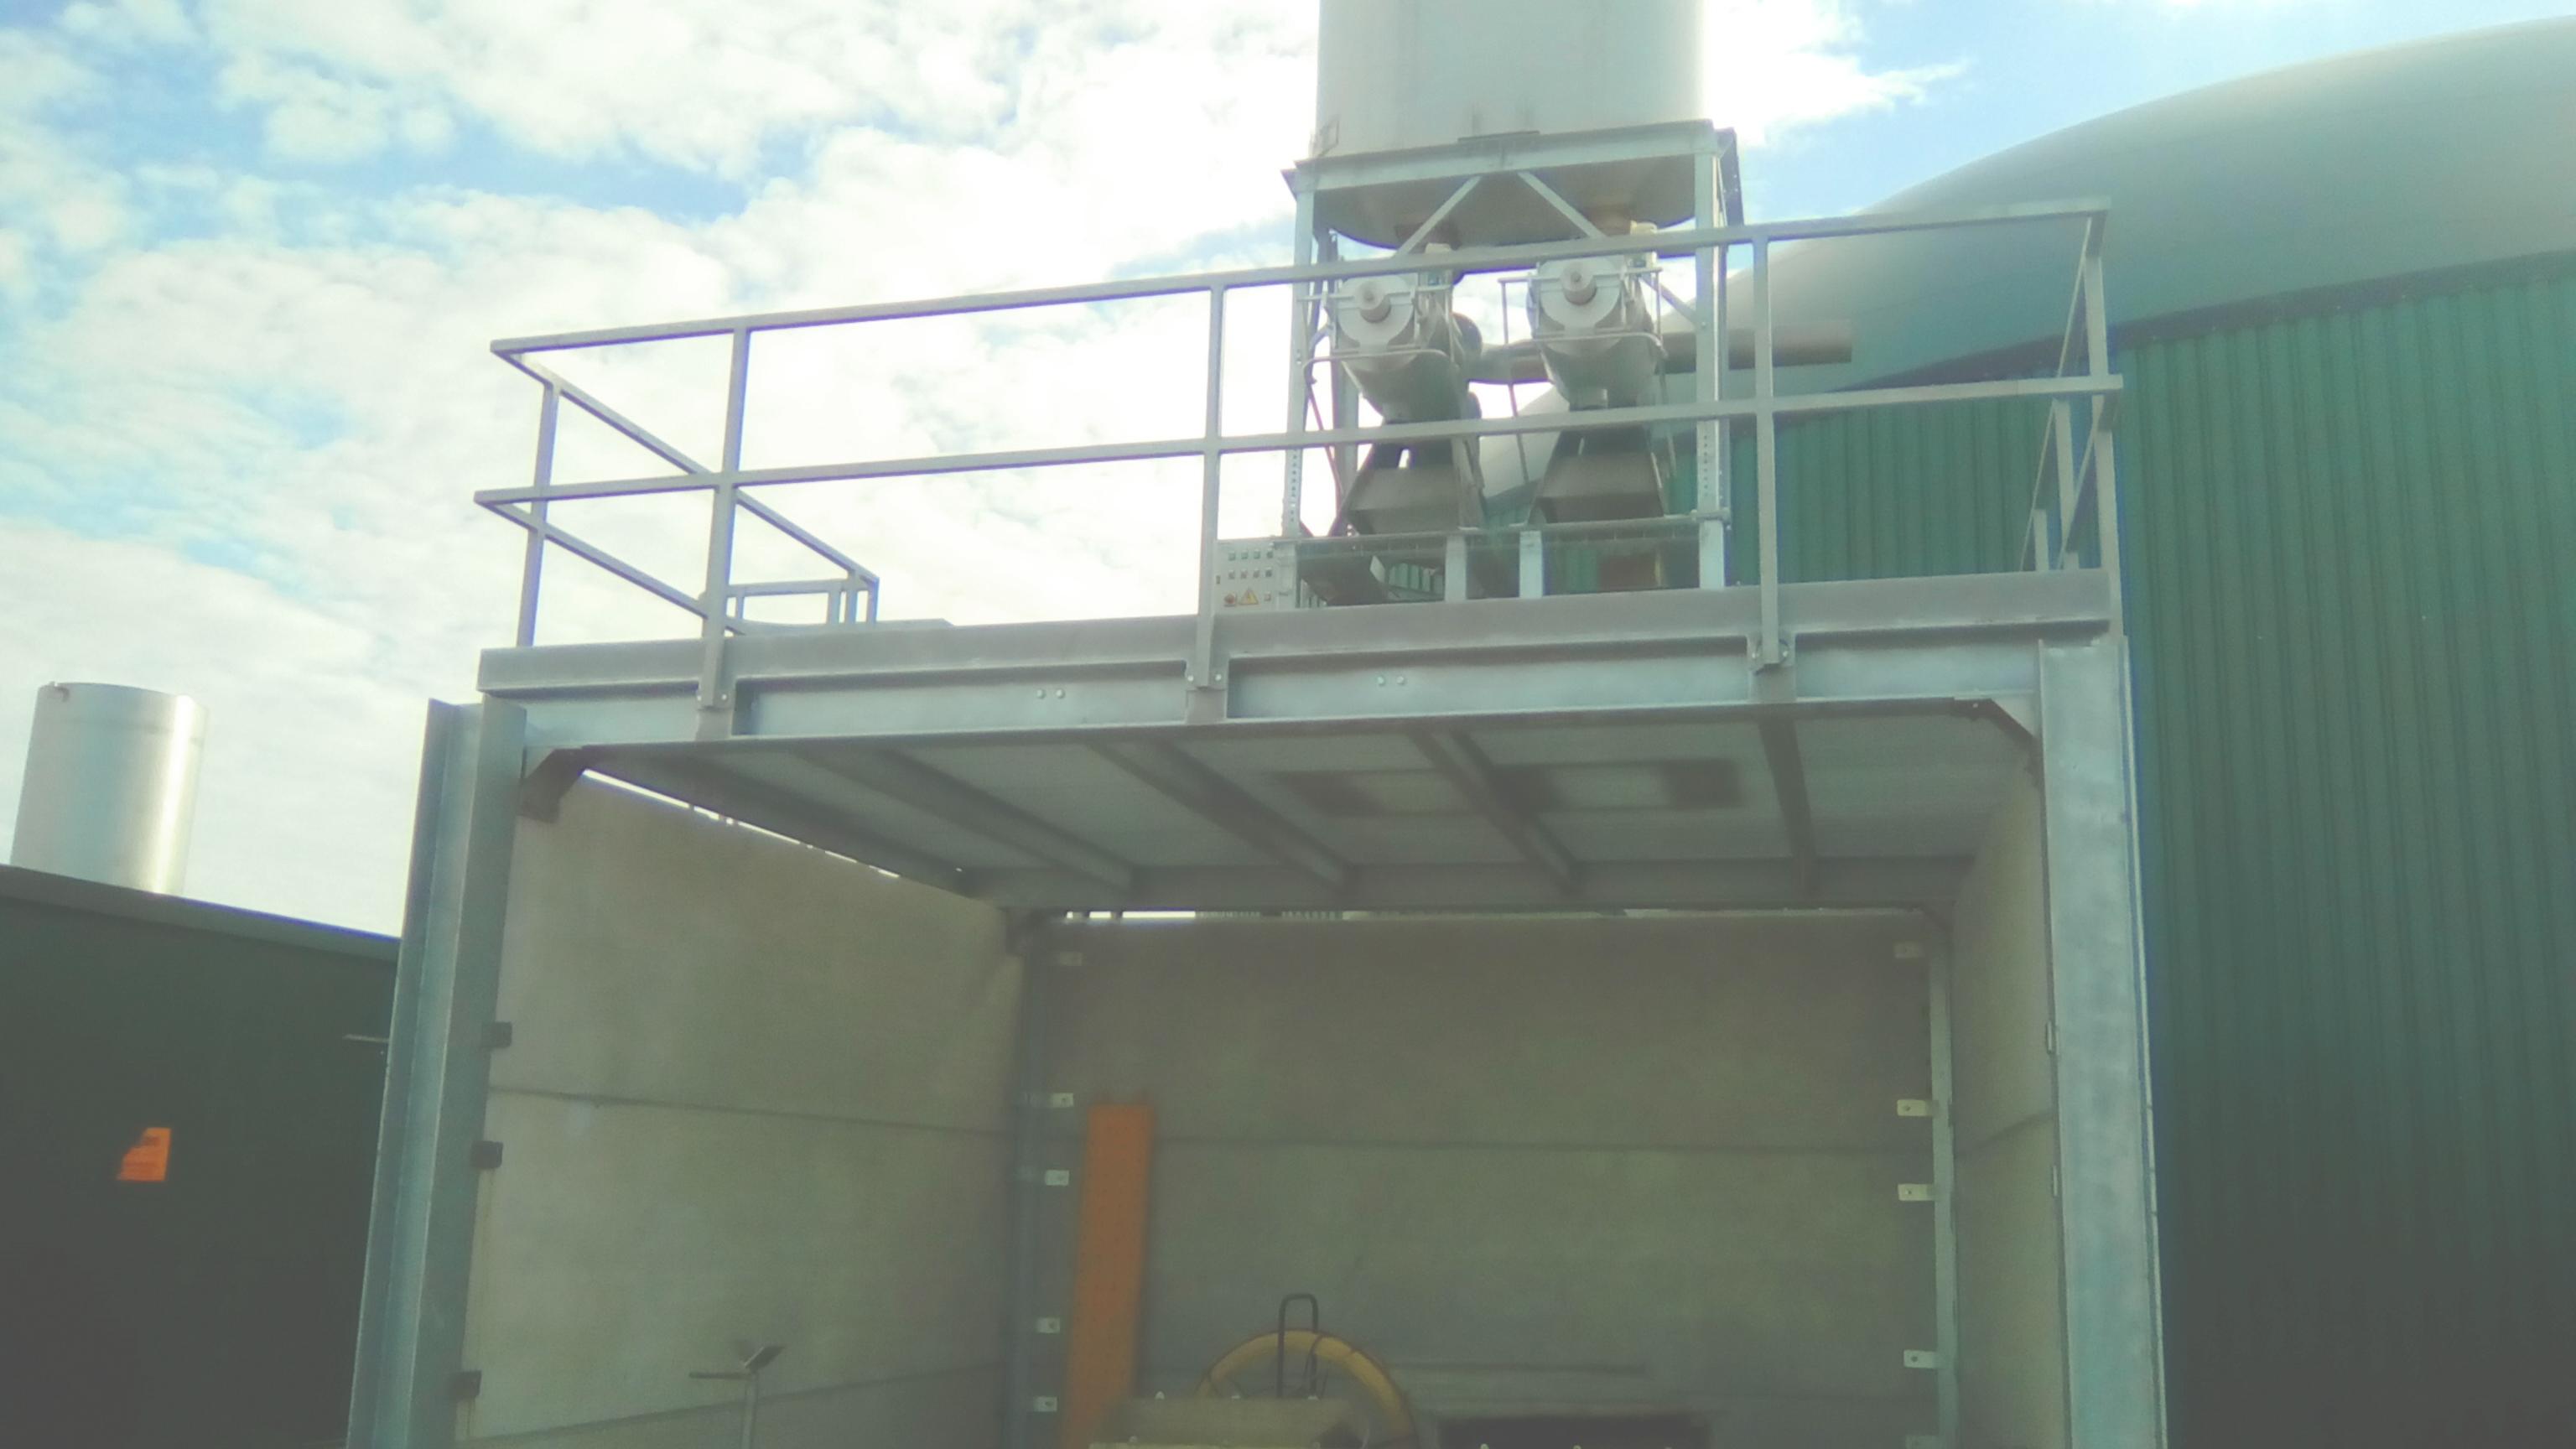 05 Instalación de Separadores y Plataforma-Planta de Biogás de 1MW en Stracathro Reino Unido